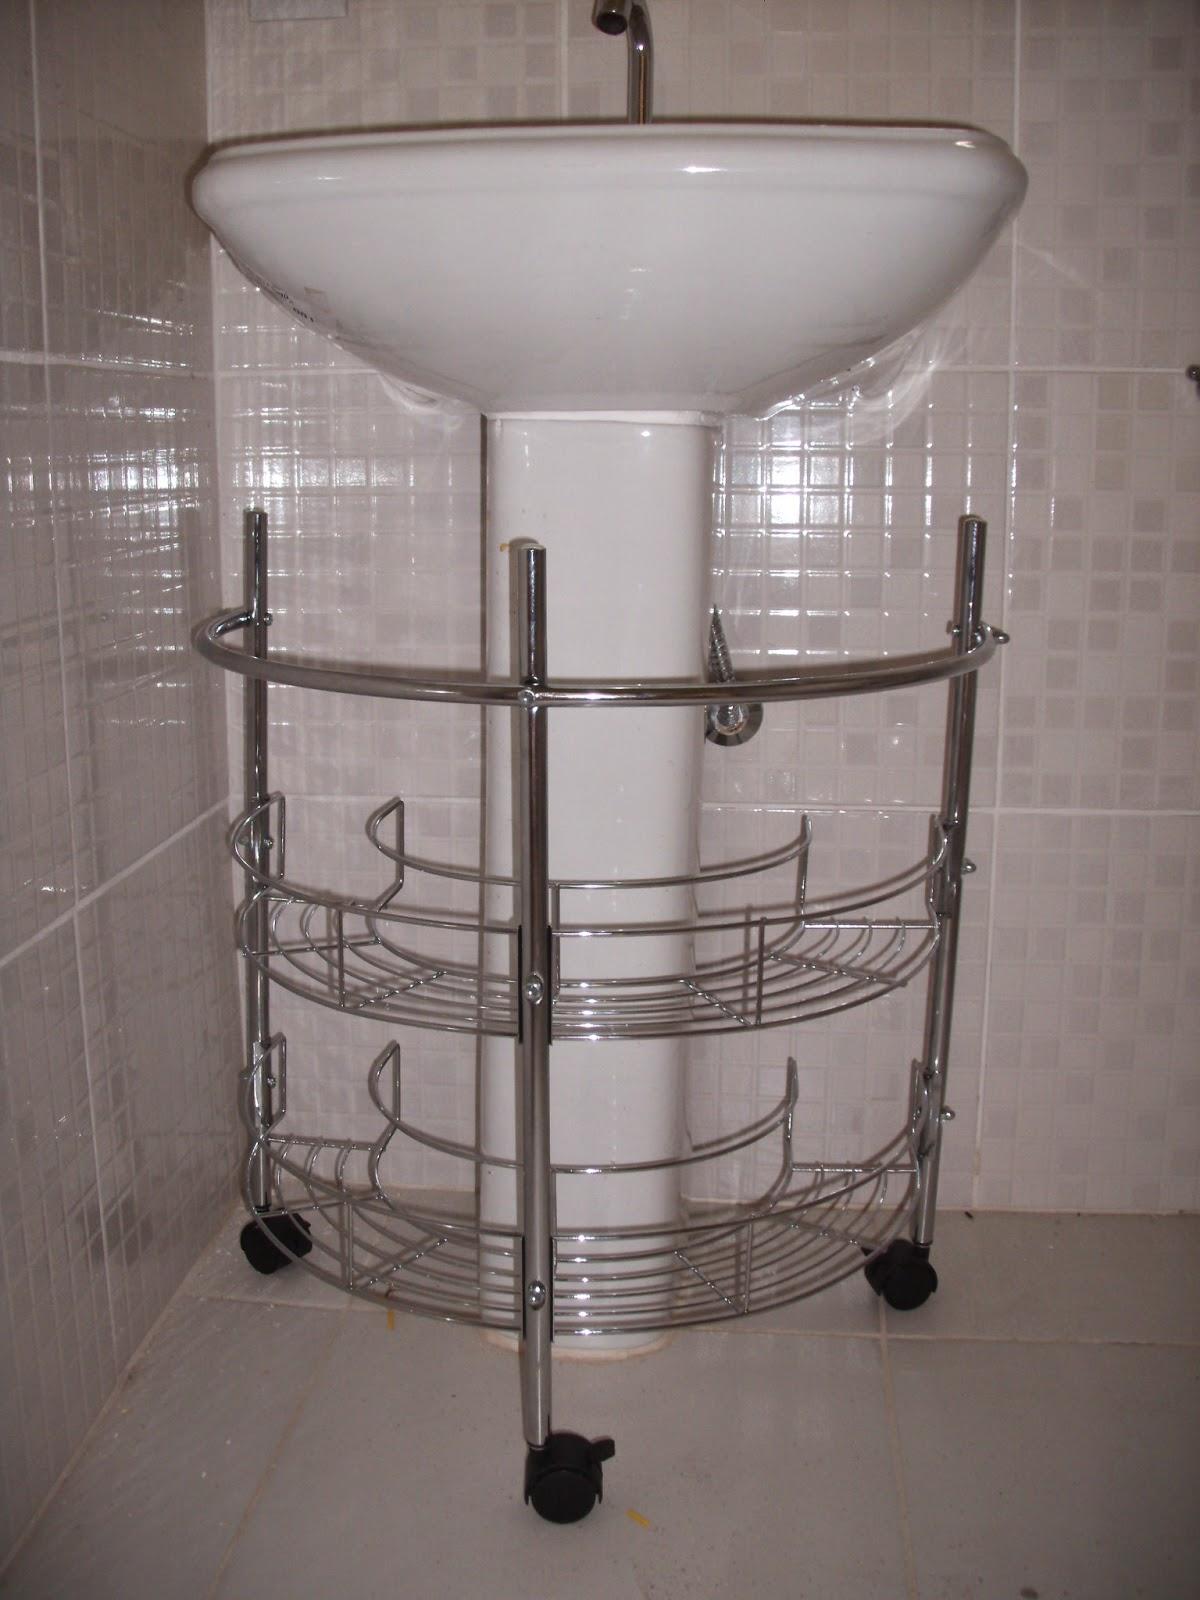 Imagens de #665851 Renovando banheiros com boas idéias e pouco dinheiro ~ Decorando por  1200x1600 px 3318 Boas Ideias Banheiro